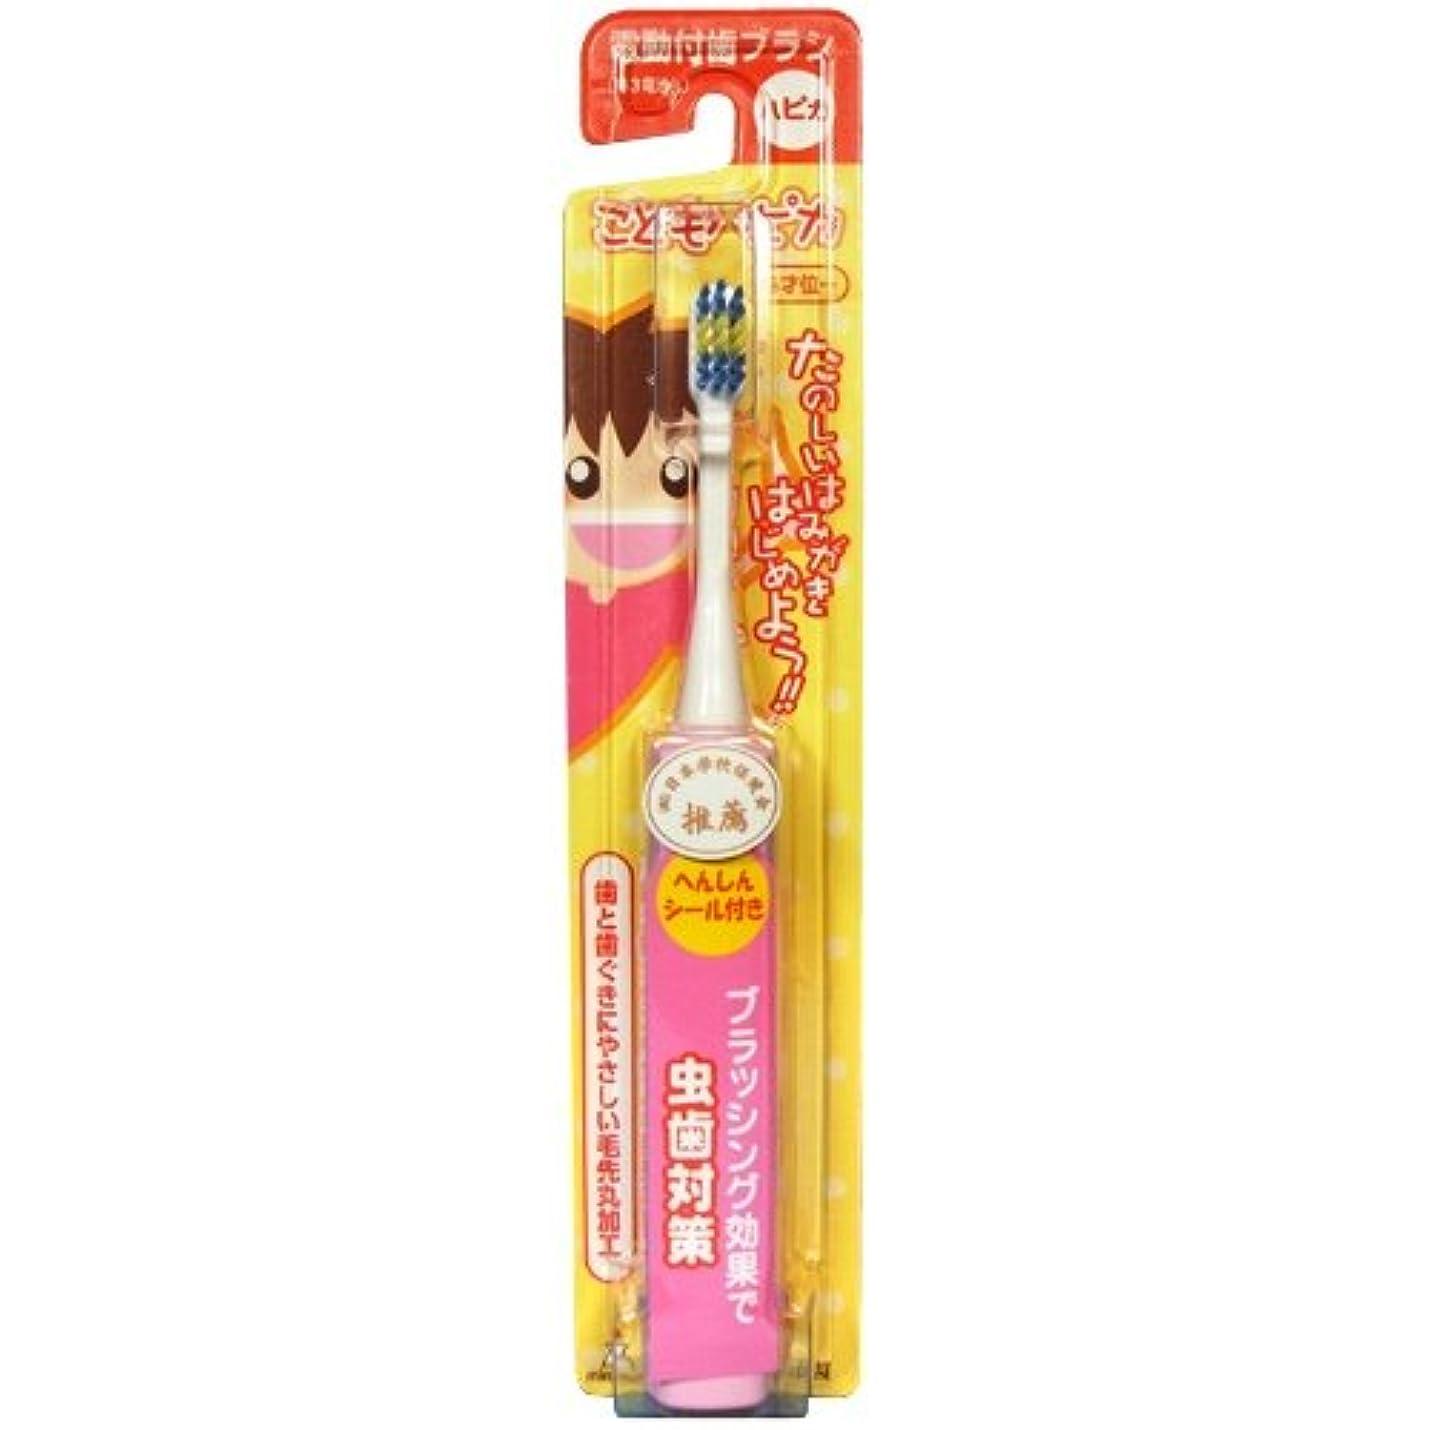 アンケート発掘する論争ミニマム 電動付歯ブラシ こどもハピカ ピンク 毛の硬さ:やわらかめ DBK-1P(BP)